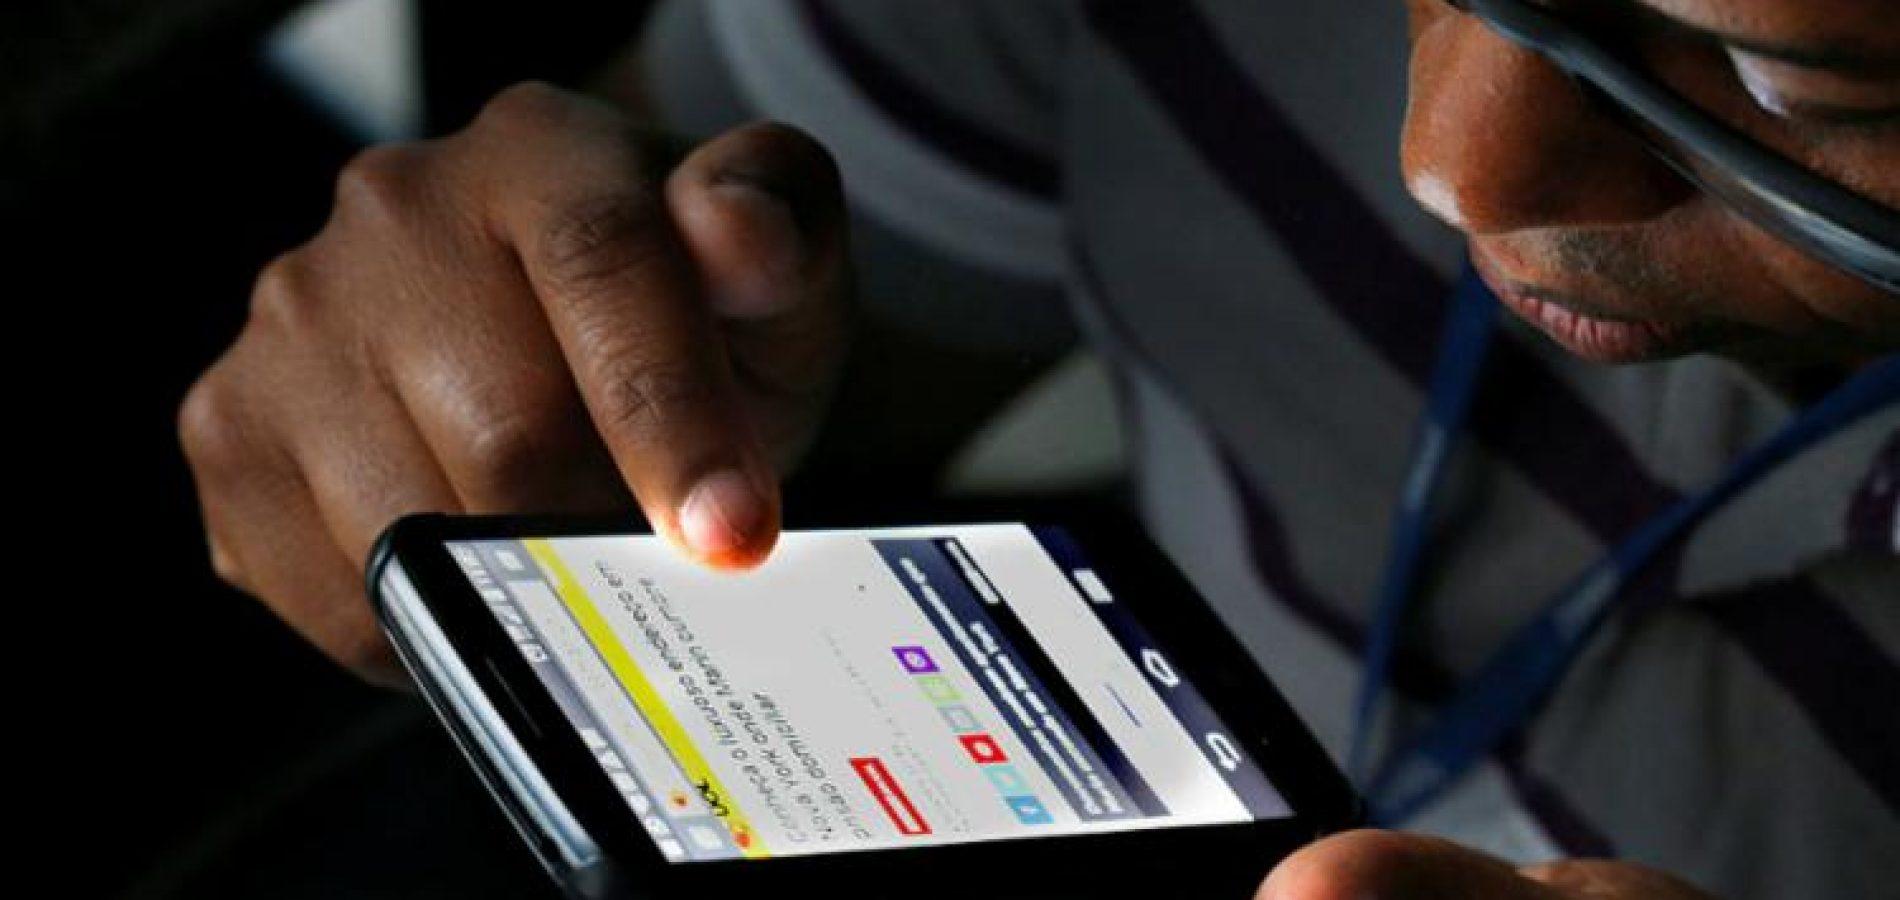 Anatel inicia alerta sobre bloqueio de celulares irregulares amanhã